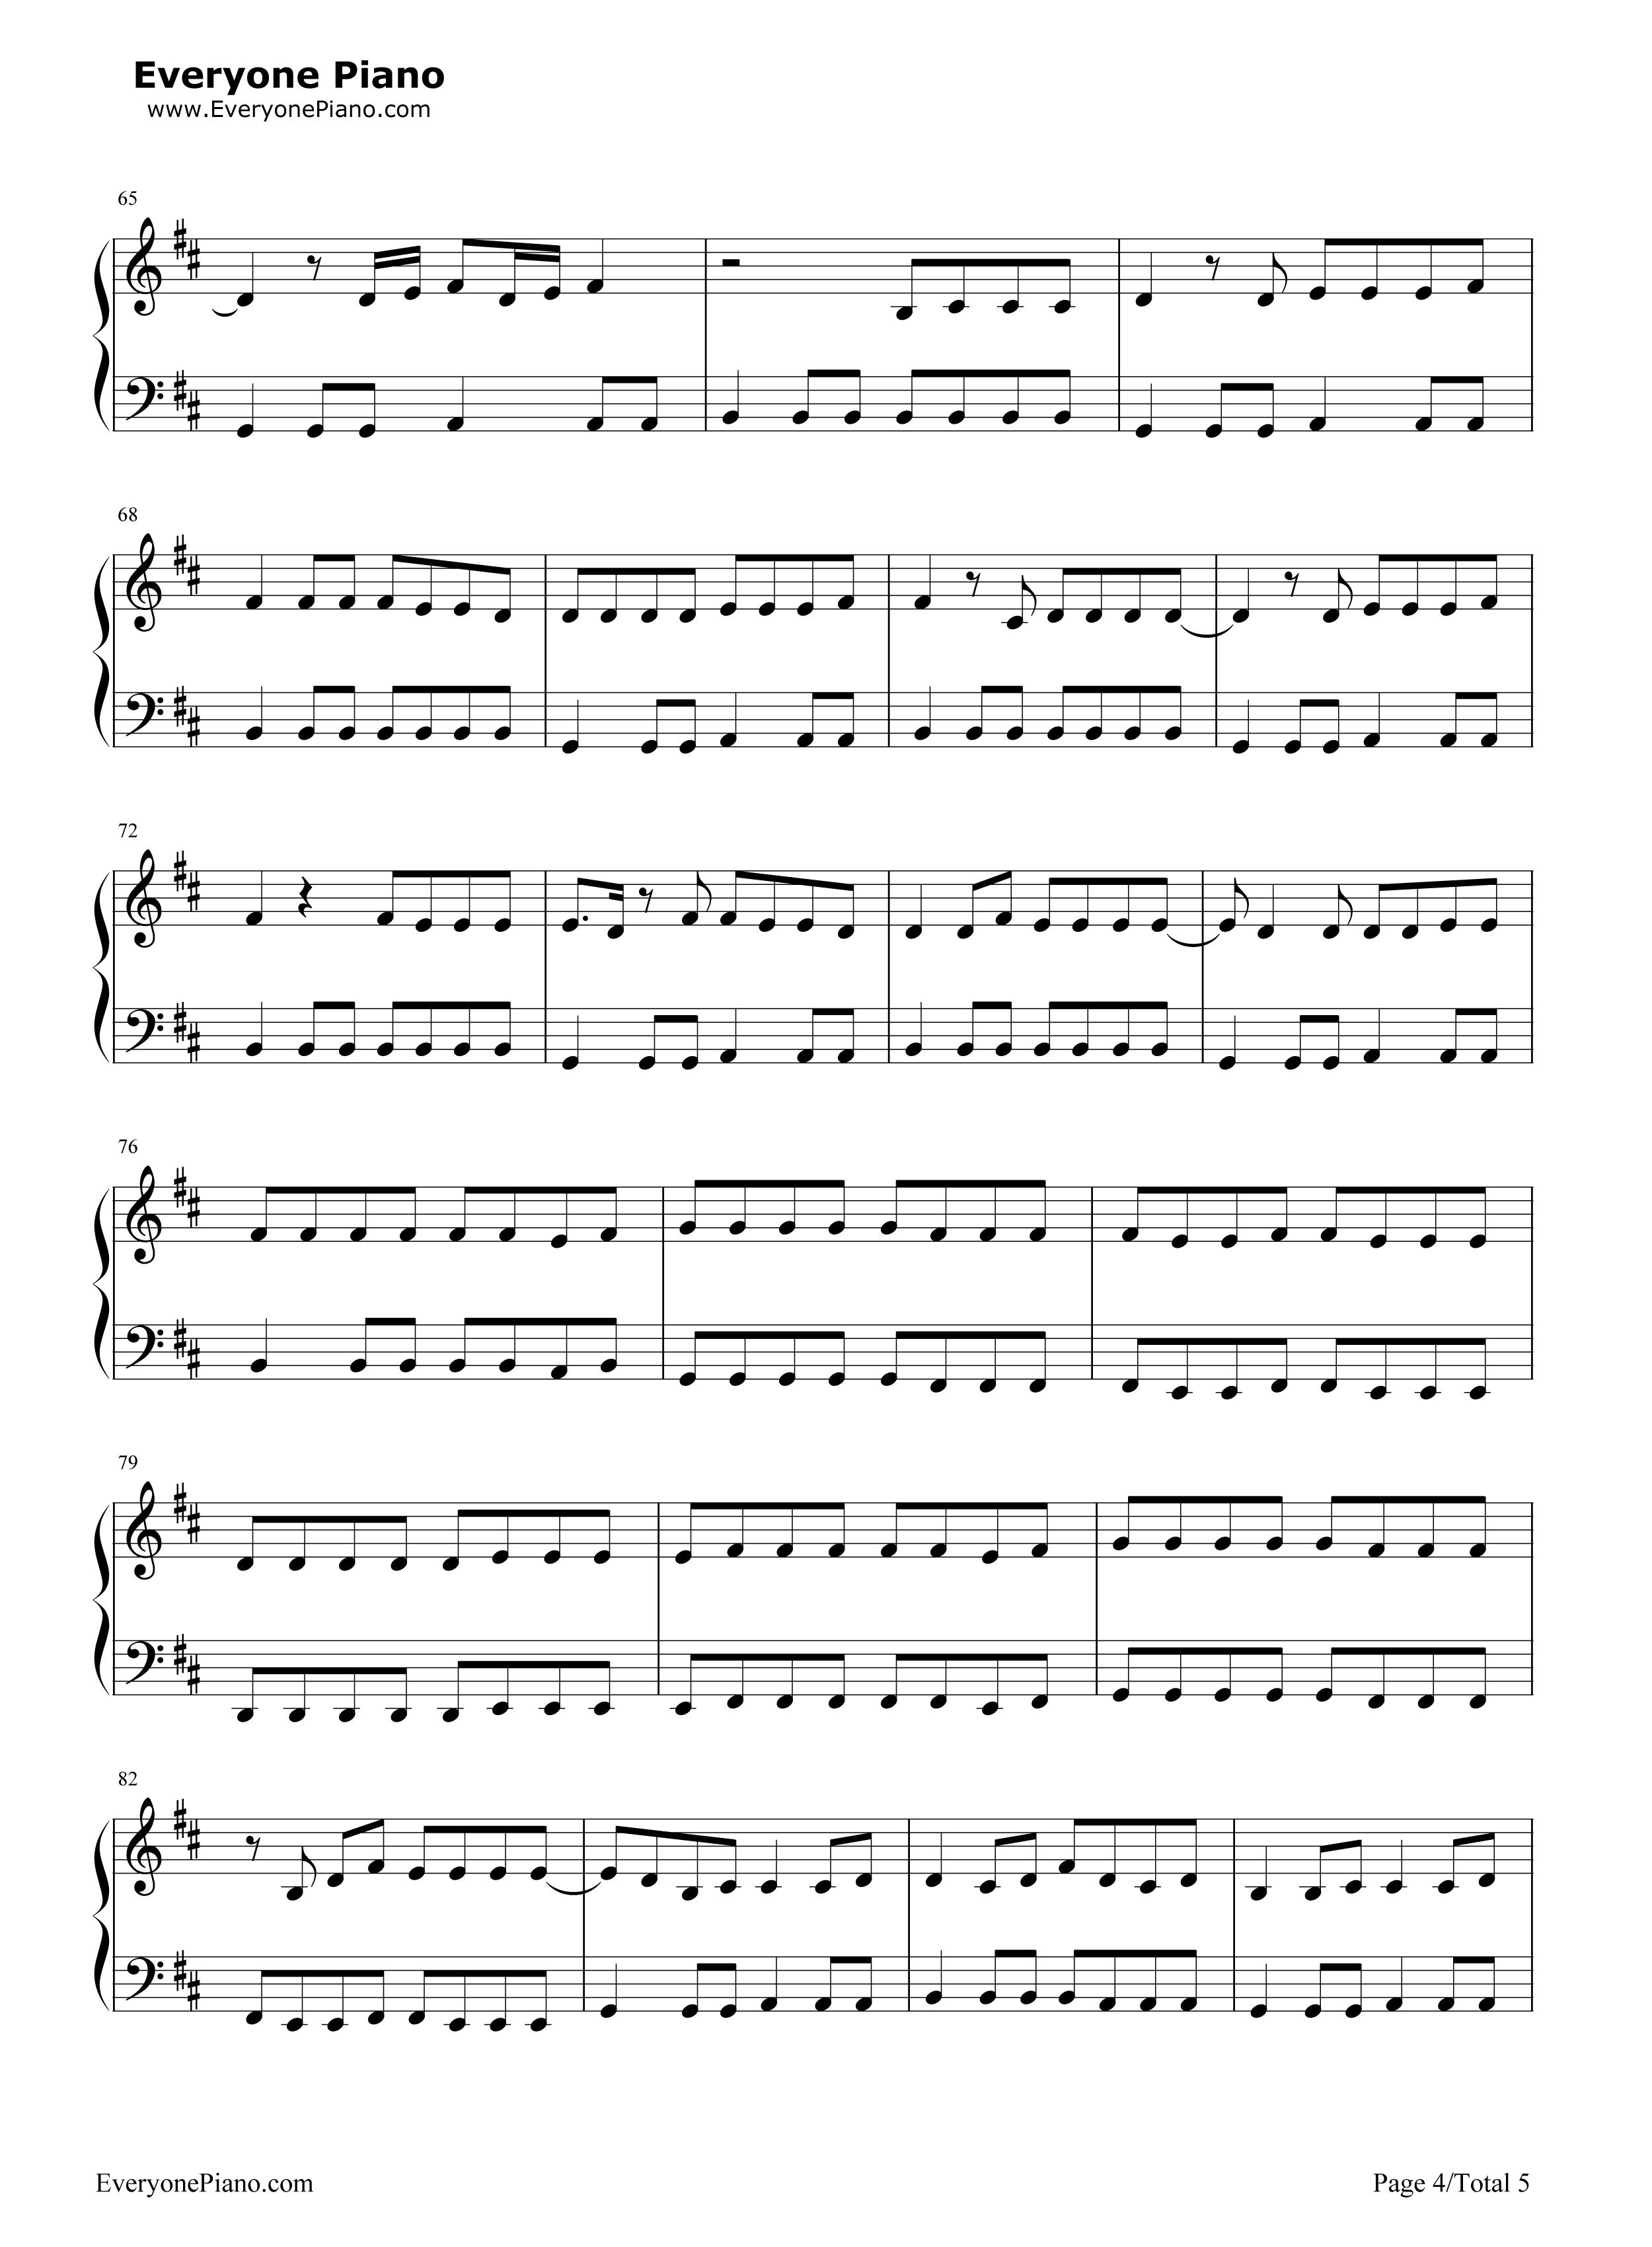 谁廖俊涛钢琴曲谱-五线谱预览4 钢琴谱档 五线谱 双手简谱 数位谱 Midi PDF 免费下载